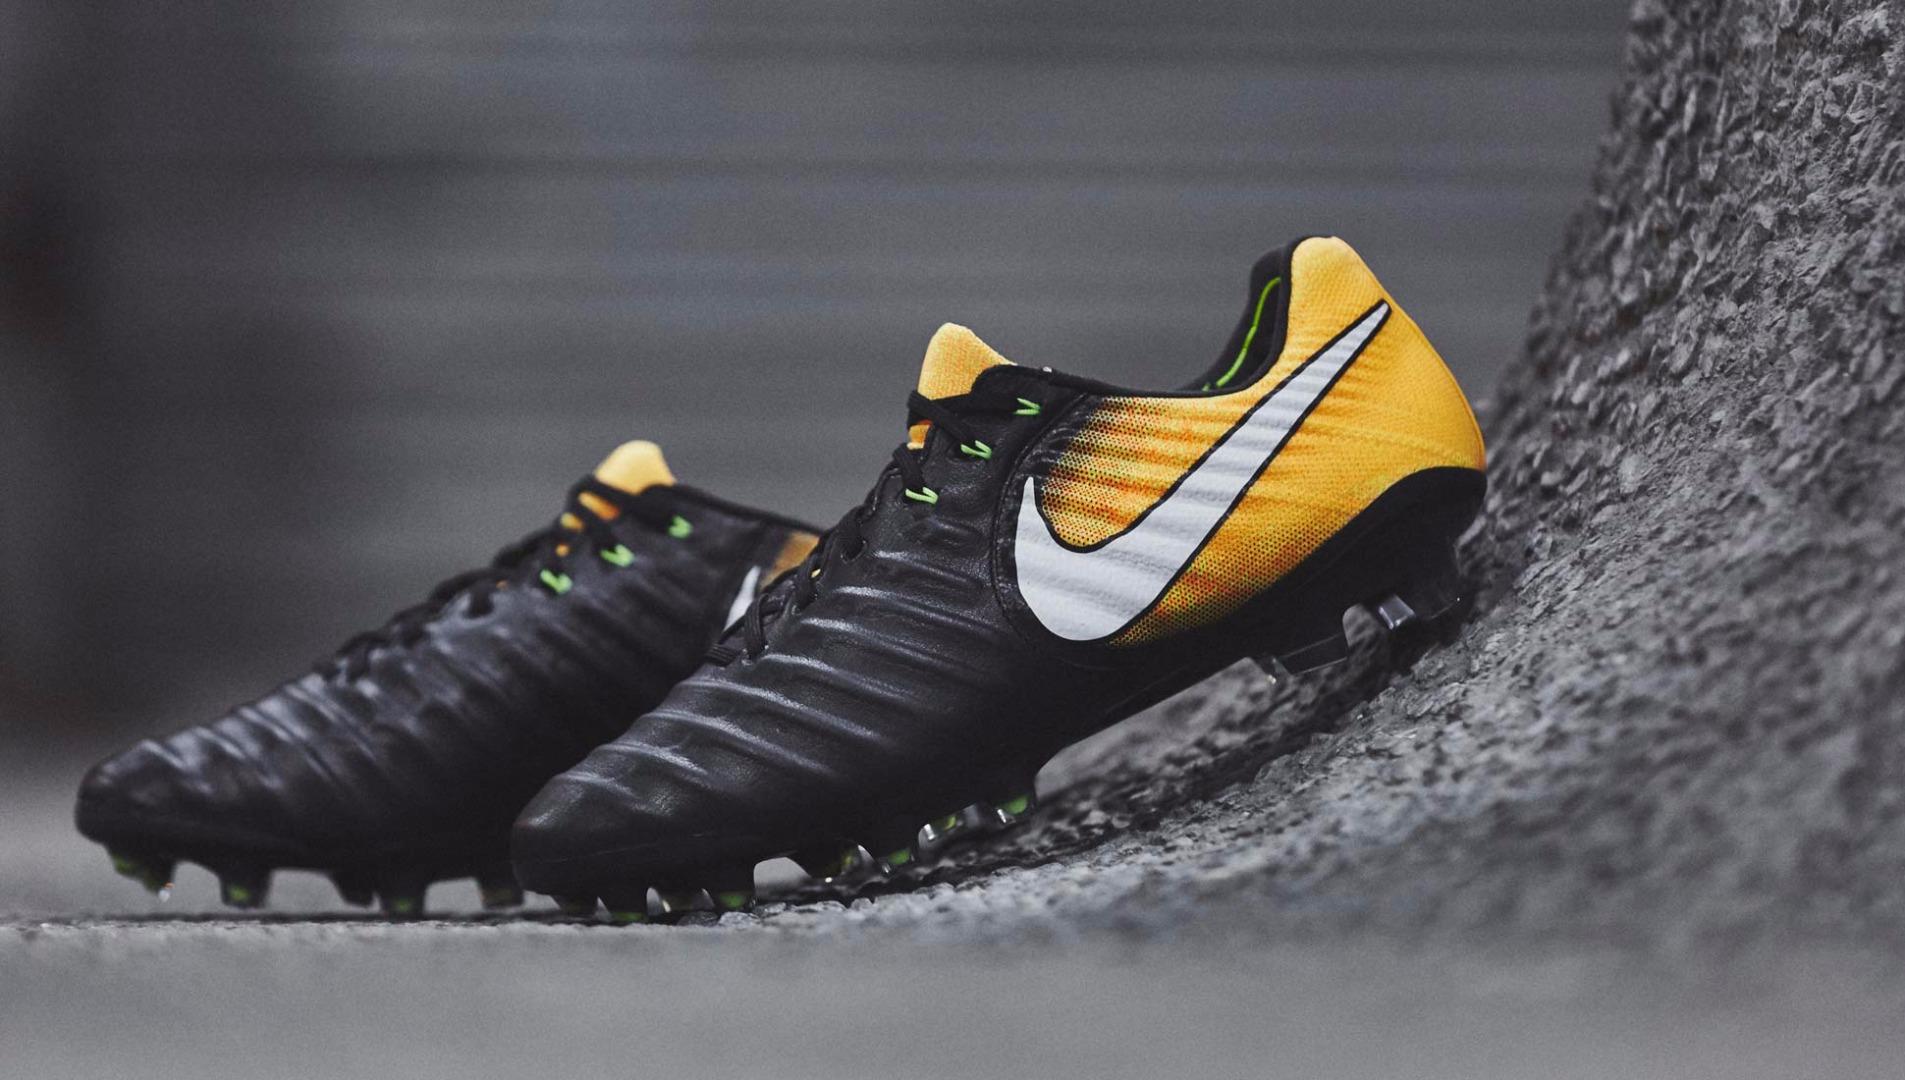 b425a448ea9 Nike Launch Tiempo Legend 7 - SoccerBible.